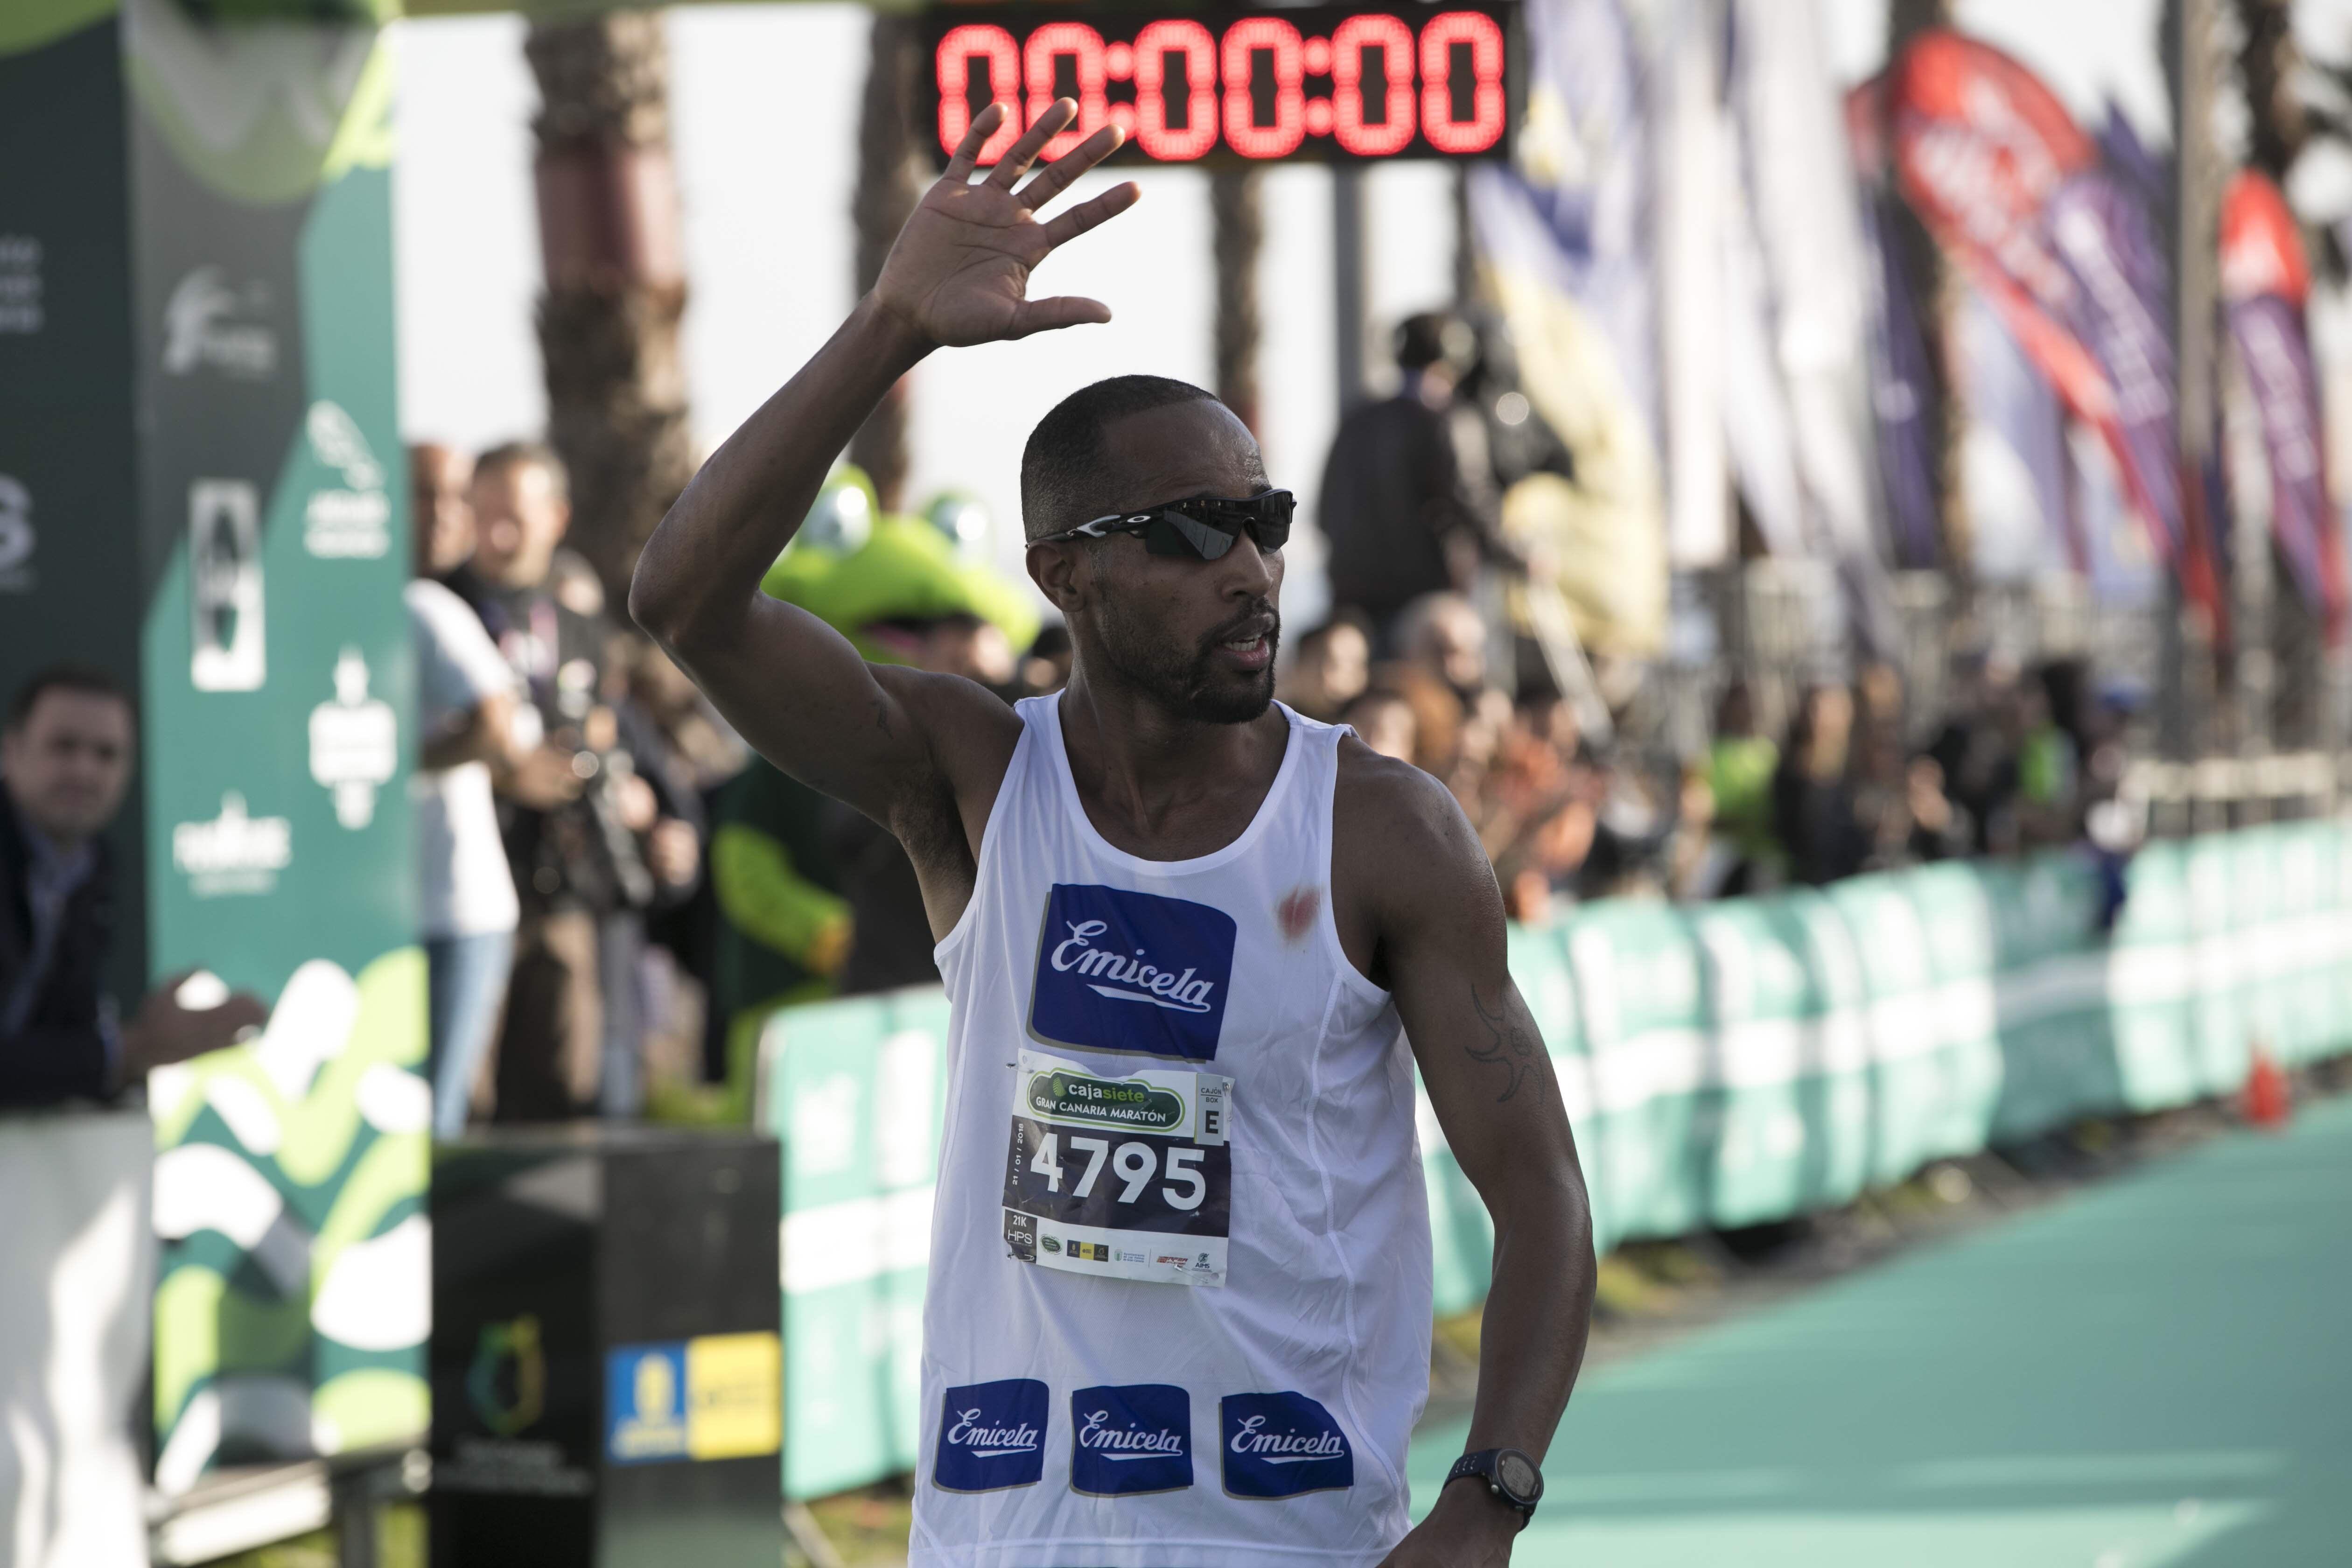 Maraton Gran Canaria 2018: Crónica, resultados y fotos. Ganan Mbugua y Chepleting.